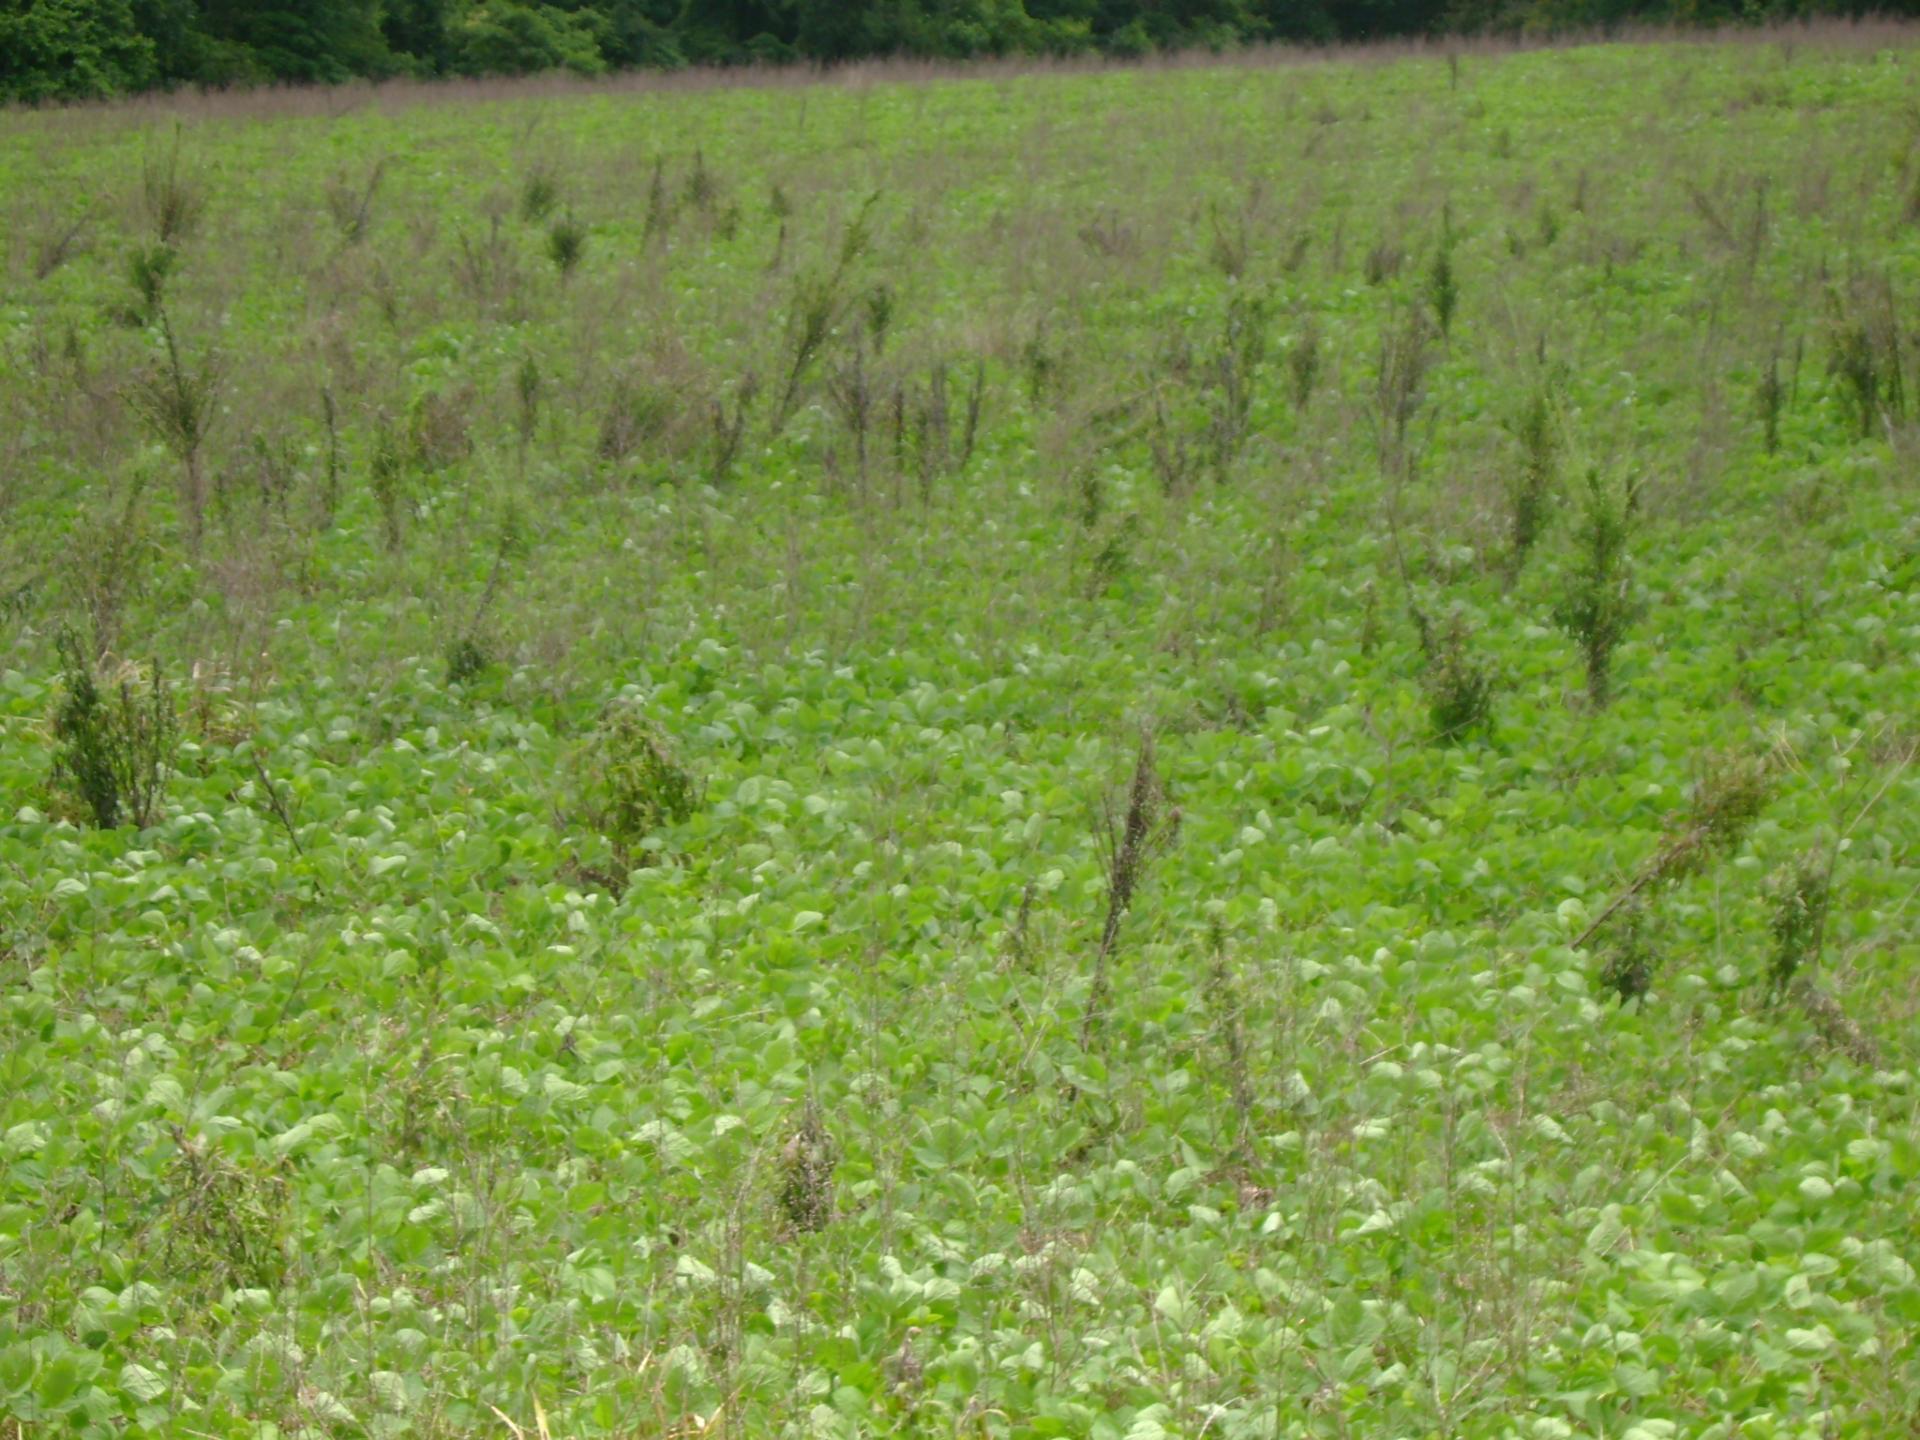 Manejo de coberturas vegetais e controle de plantas daninhas na soja